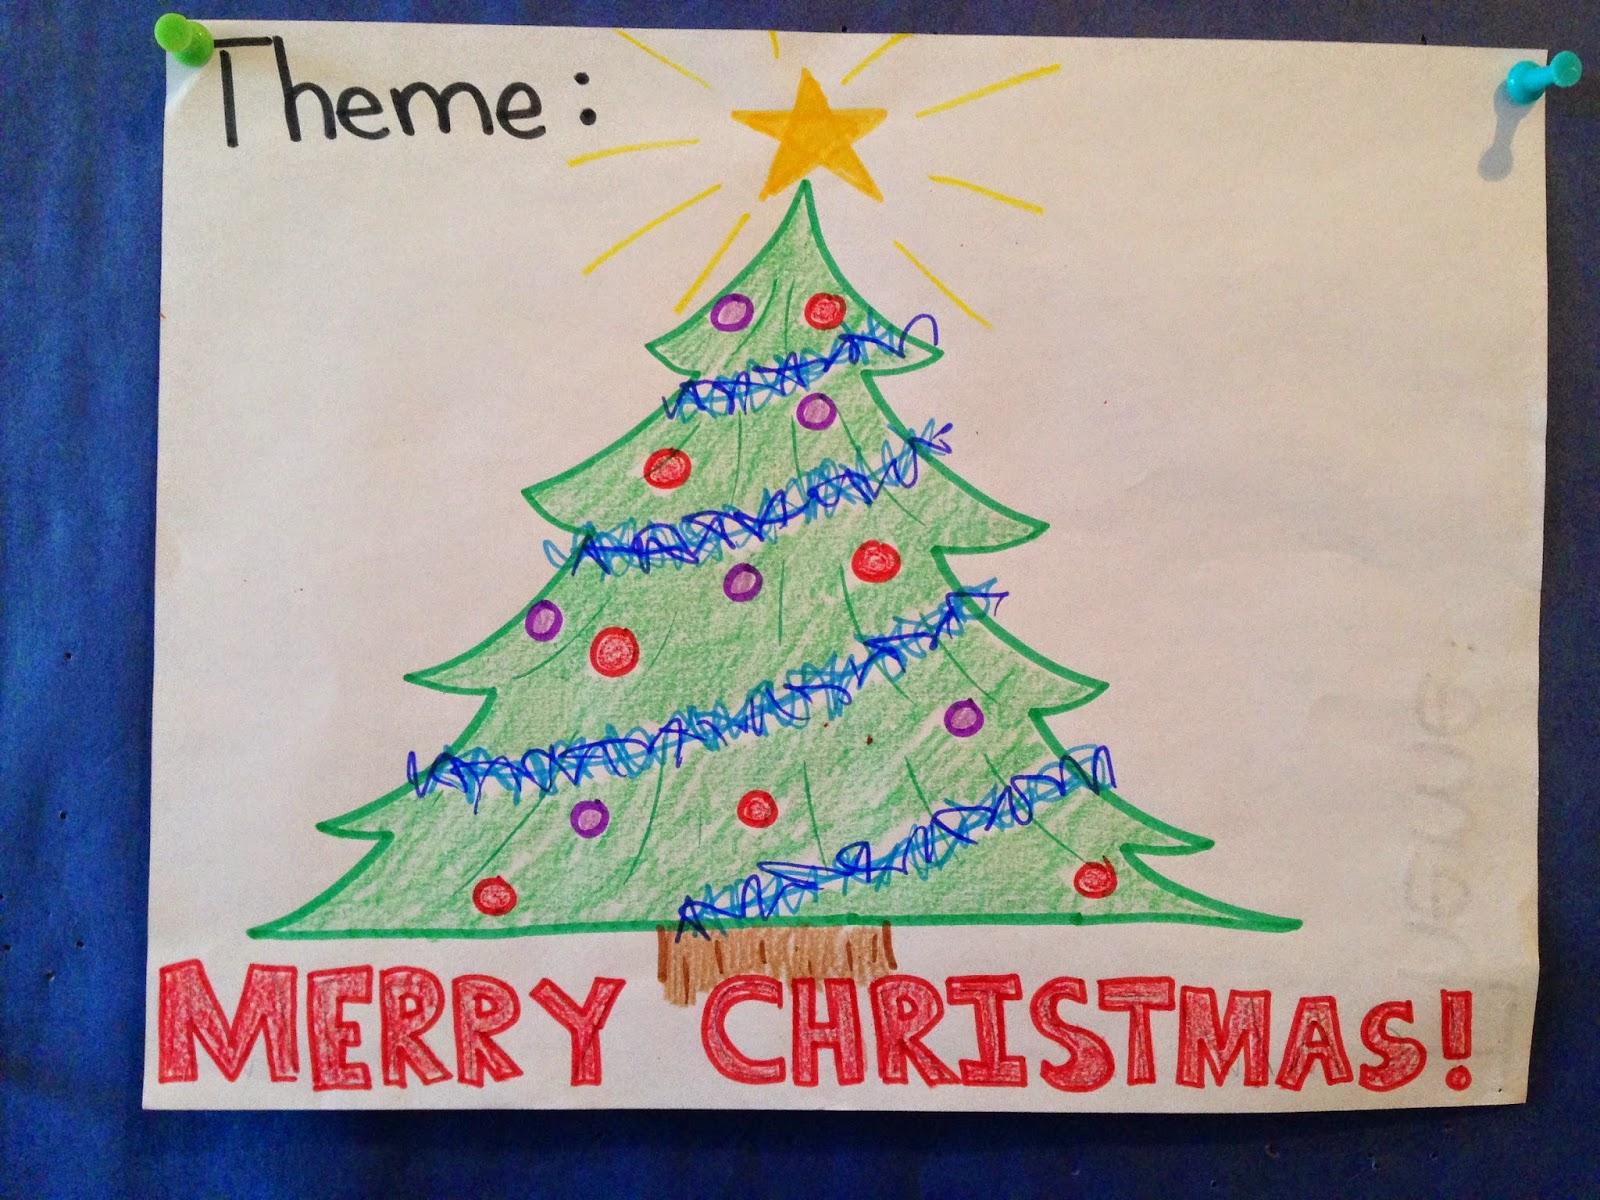 Keep Calm and Teach On: Merry Christmas!